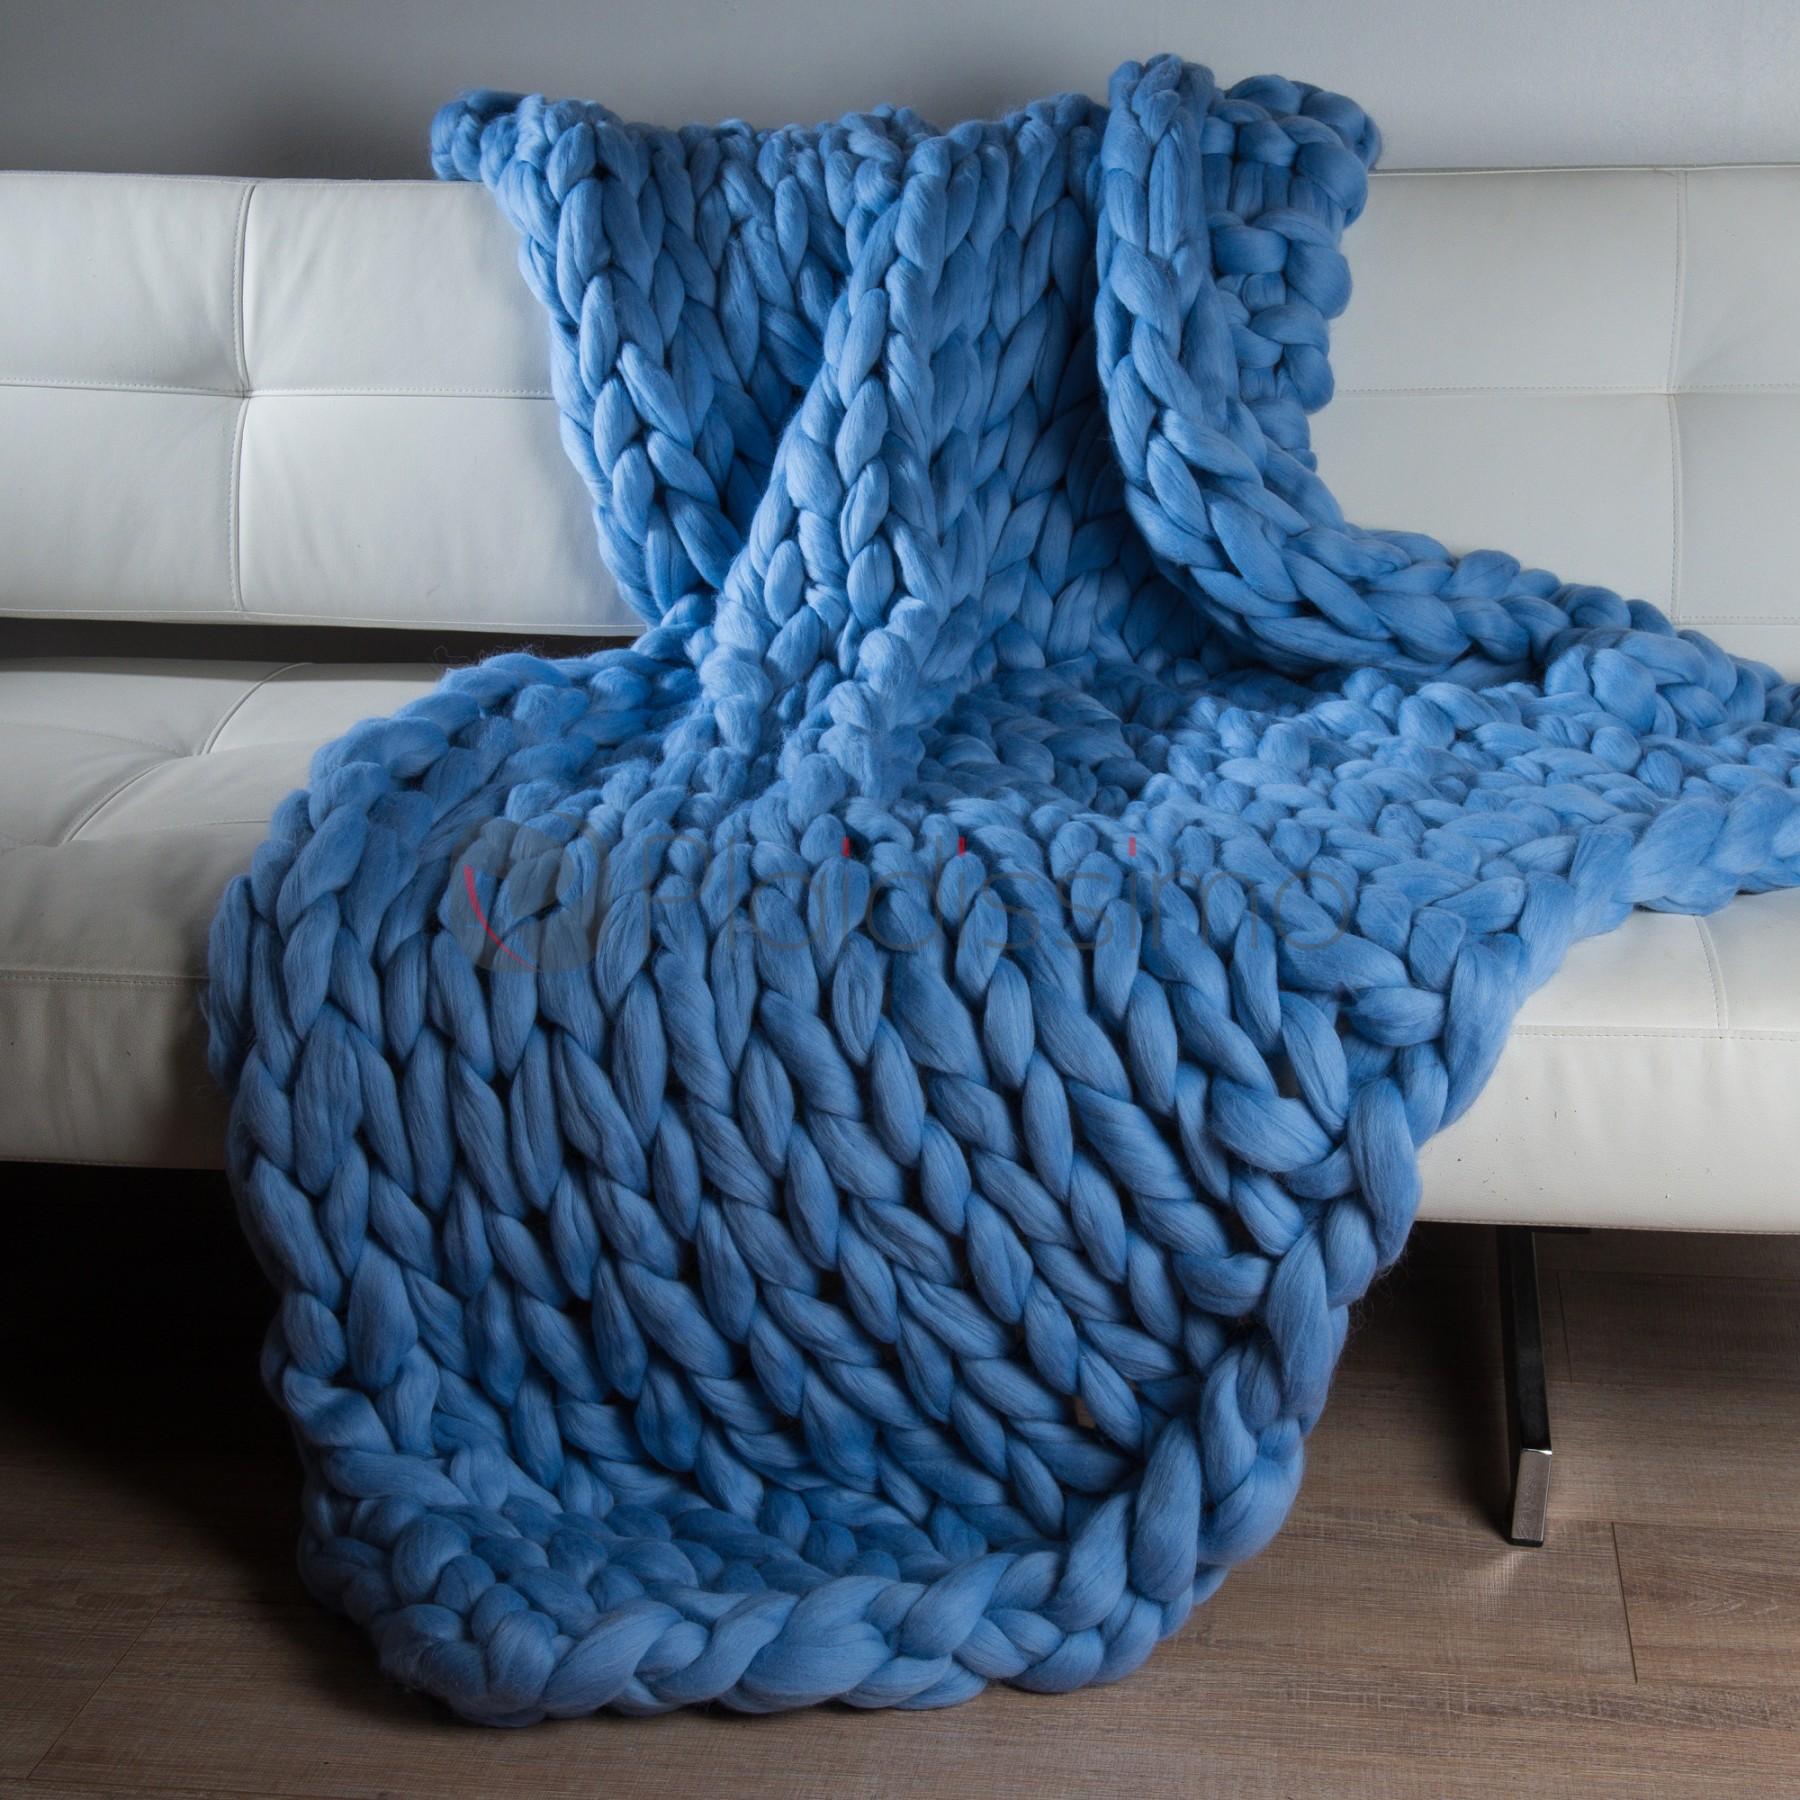 Plaid En Grosses Mailles Bleu 100 Laine Merinos D Australie